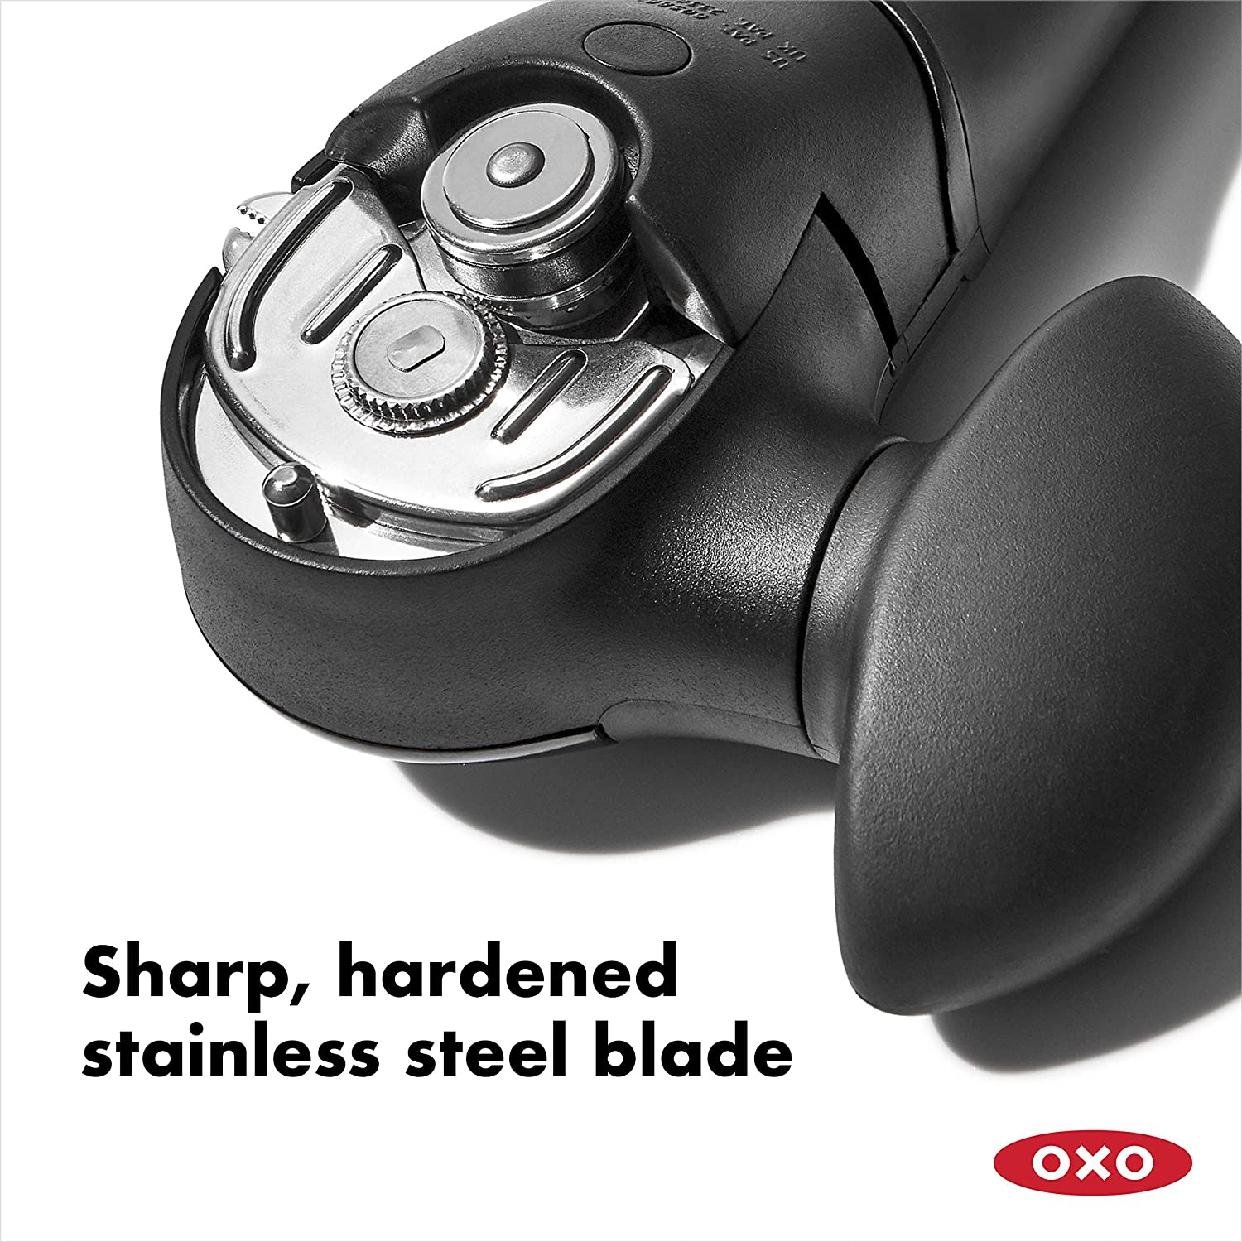 OXO(オクソー) スムーズエッジ カン オープナーの商品画像2